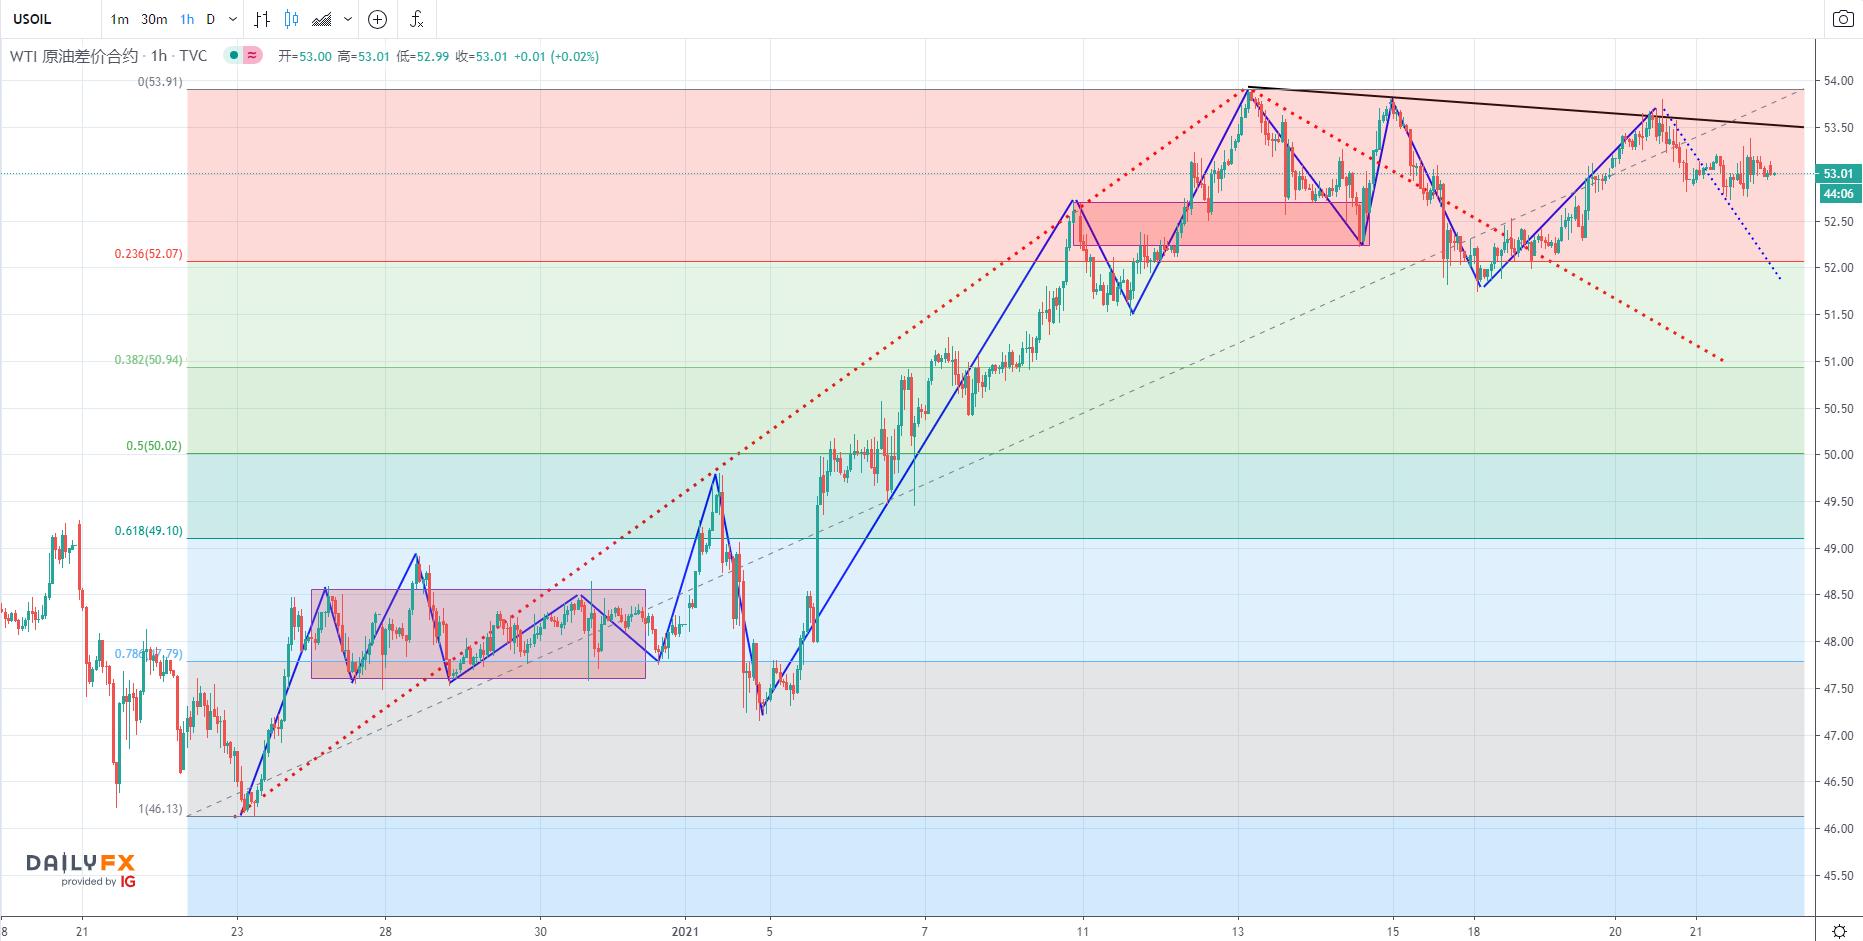 油價目前兩大驅動因素淺析,美元指數四連跌、WTI原油短期方向選擇臨近!